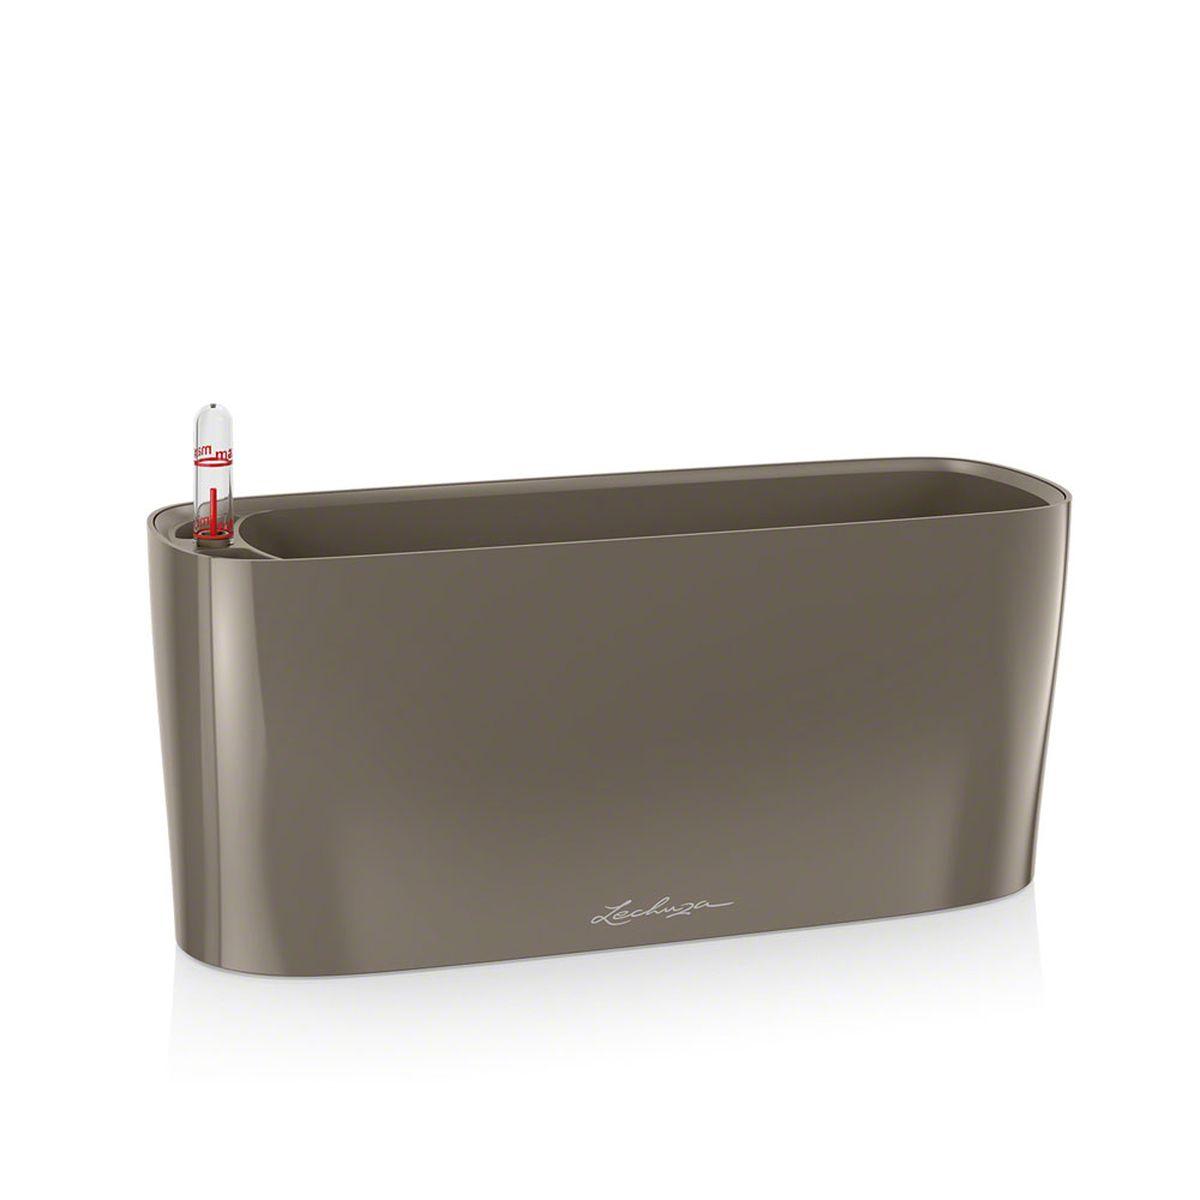 Кашпо Lechuza Delta, с системой автополива, цвет: серо-коричневый, 30 х 11 х 13 см531-321Кашпо Lechuza Delta, выполненное из высококачественного пластика, имеет уникальную систему автополива, благодаря которой корневая система растения непрерывно снабжается влагой из резервуара. Уровень воды в резервуаре контролируется с помощью специального индикатора. В зависимости от размера кашпо и растения воды хватает на 2-12 недель. Это способствует хорошему росту цветов и предотвращает переувлажнение.В набор входит: кашпо, внутренний горшок, индикатор уровня воды, вал подачи воды, субстрат растений в качестве дренажного слоя, резервуар для воды.Кашпо Lechuza Delta прекрасно впишется в любой интерьер. Оно поможет расставить нужные акценты и придаст помещению вид, соответствующий вашим представлениям.